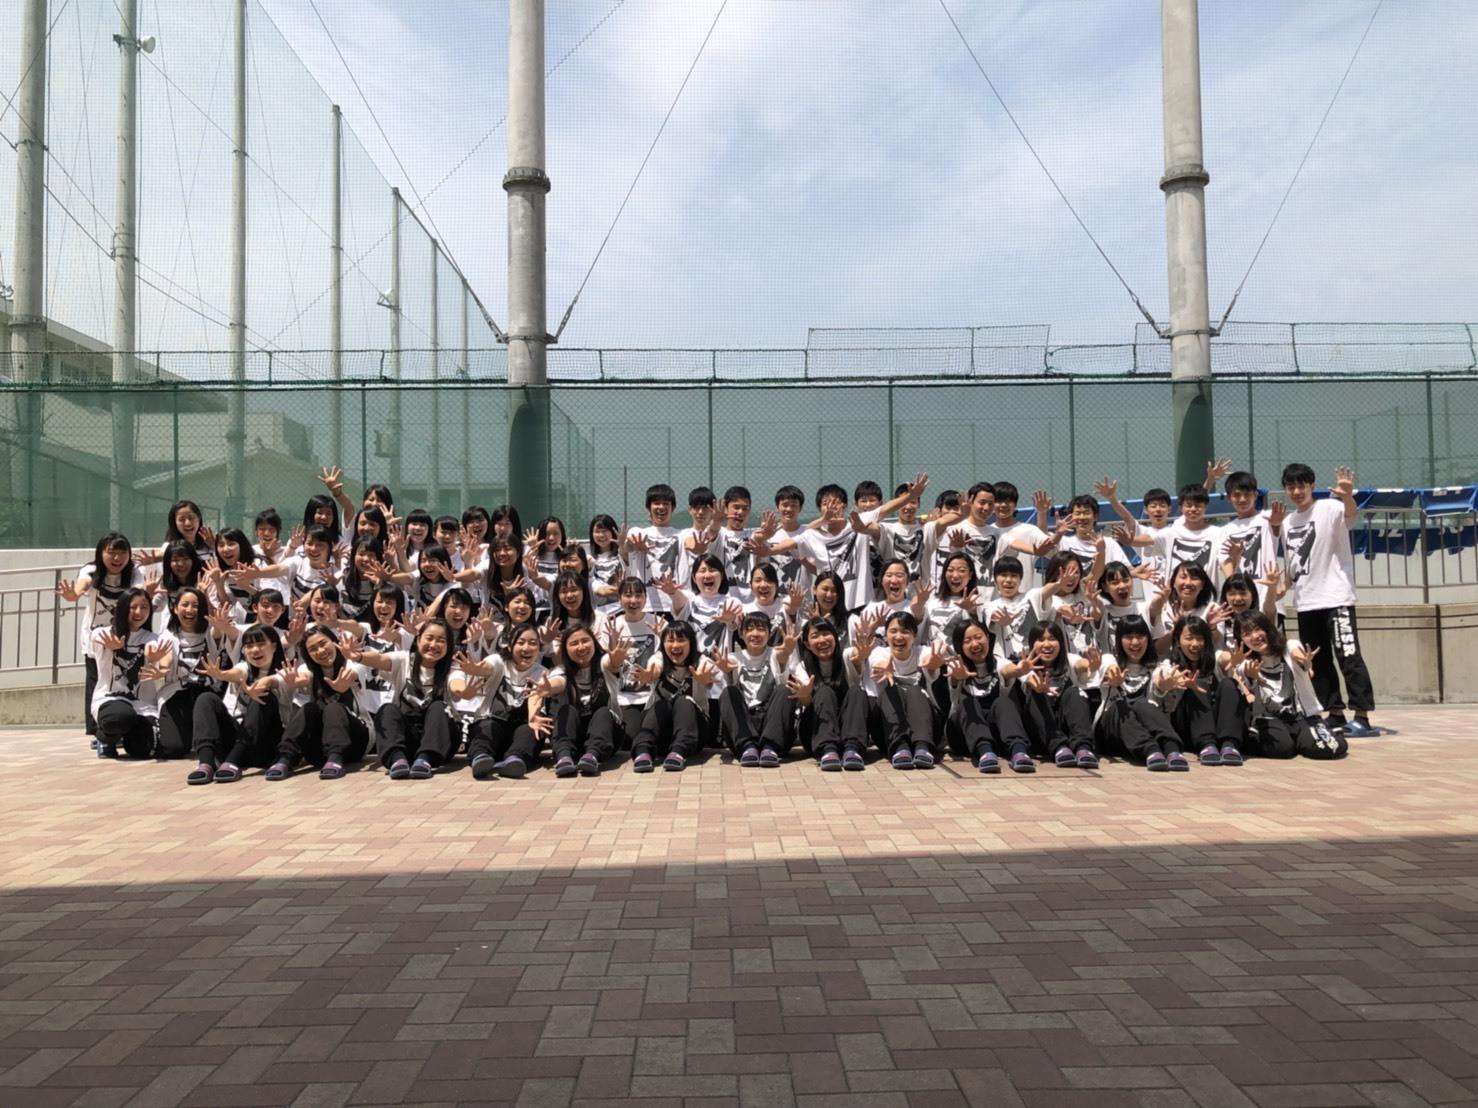 山城高等学校(大阪公演)